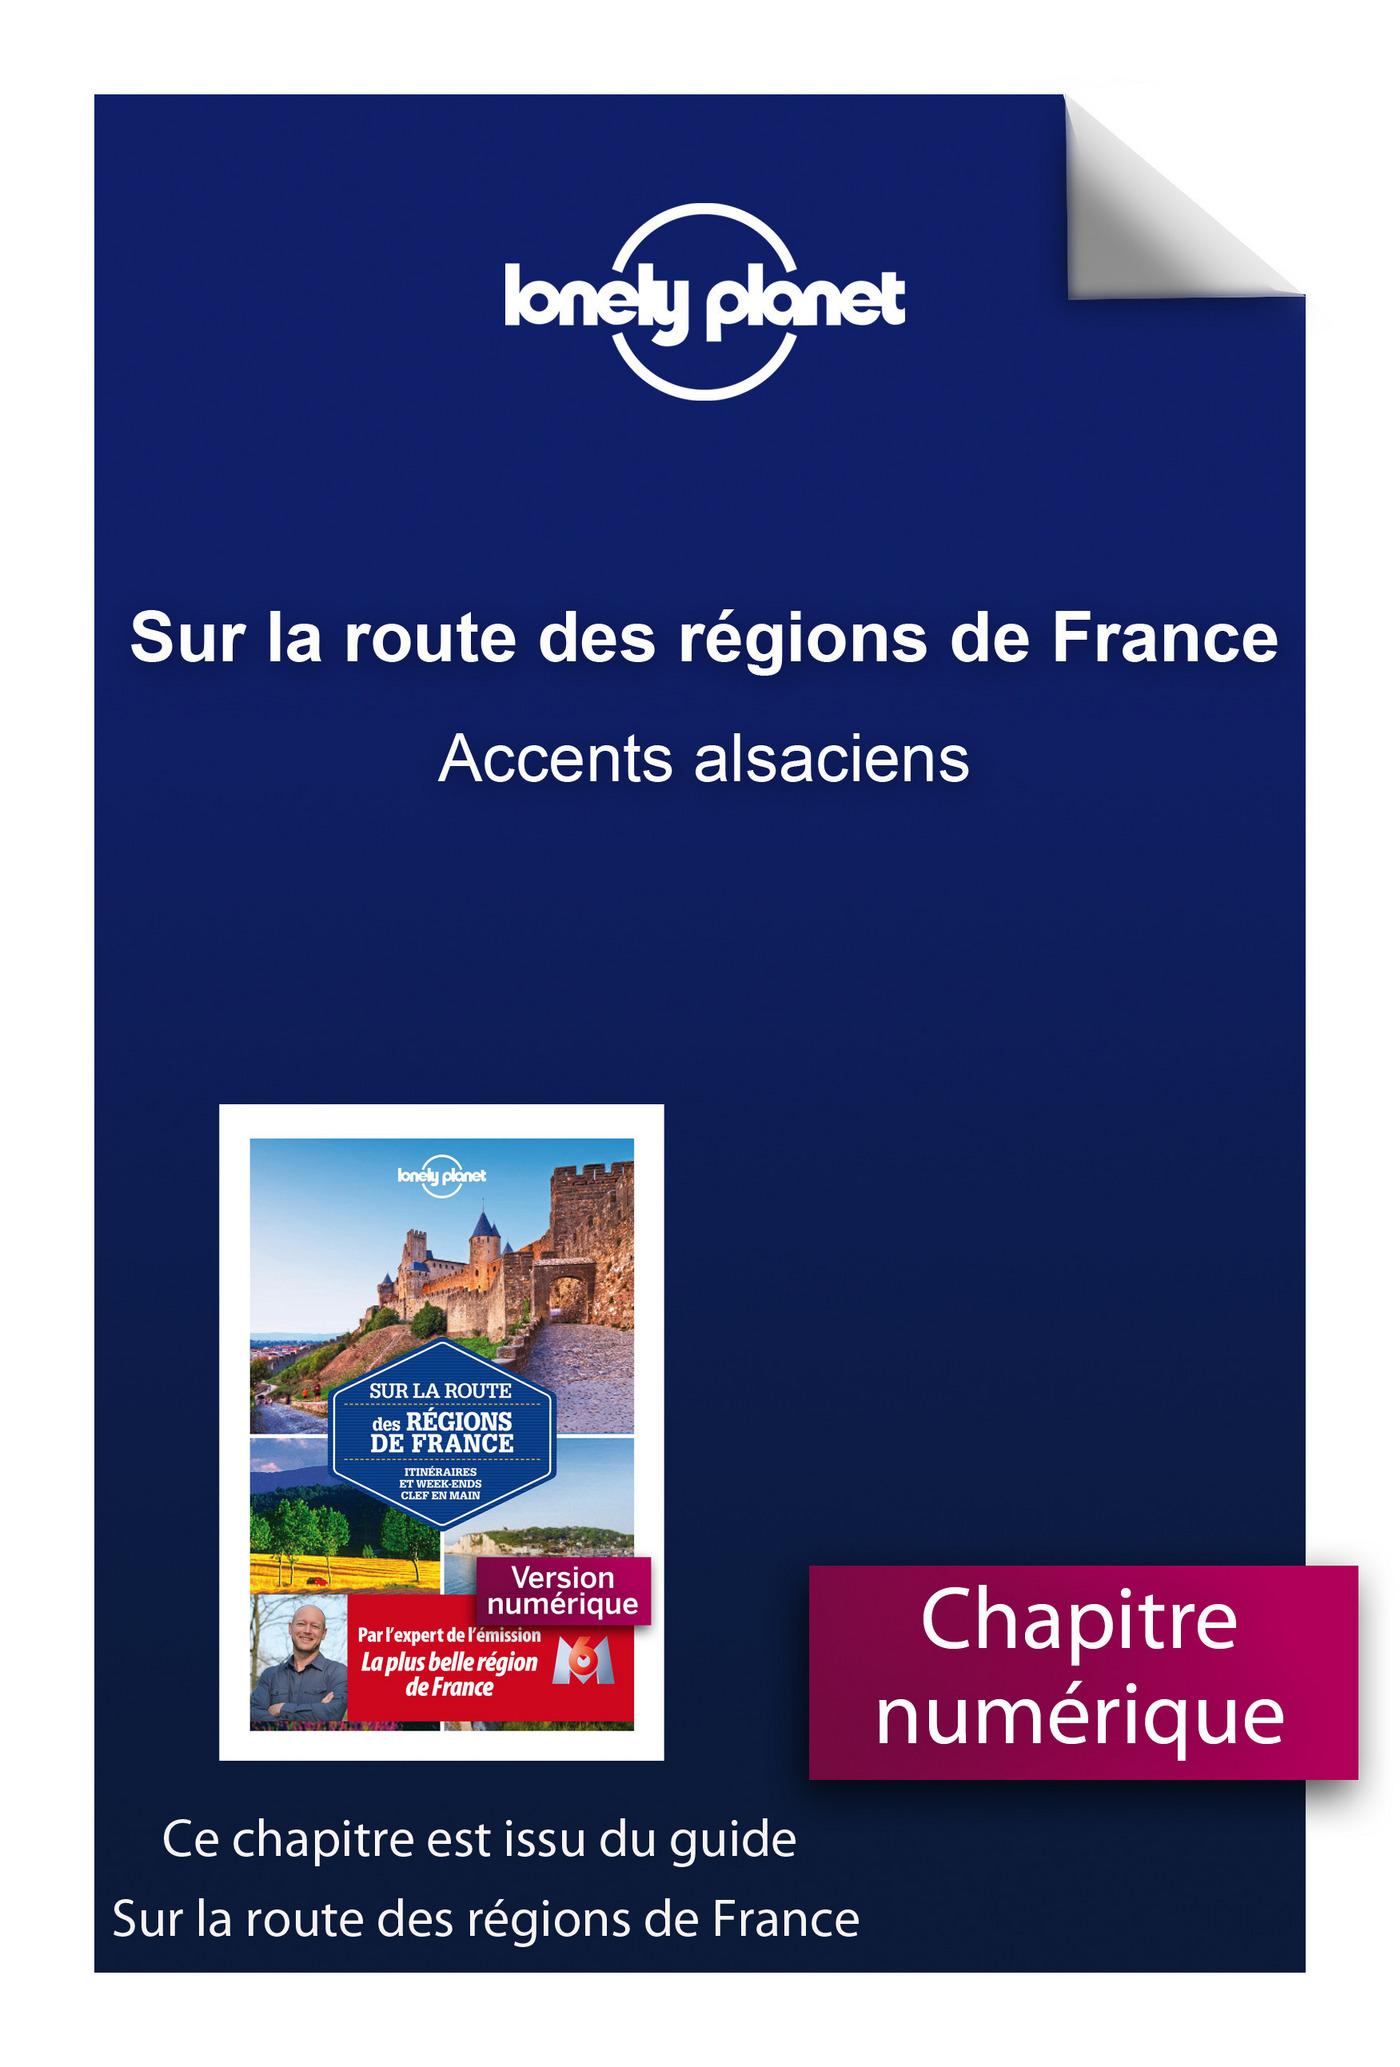 Sur la route des régions de France - Accents alsaciens